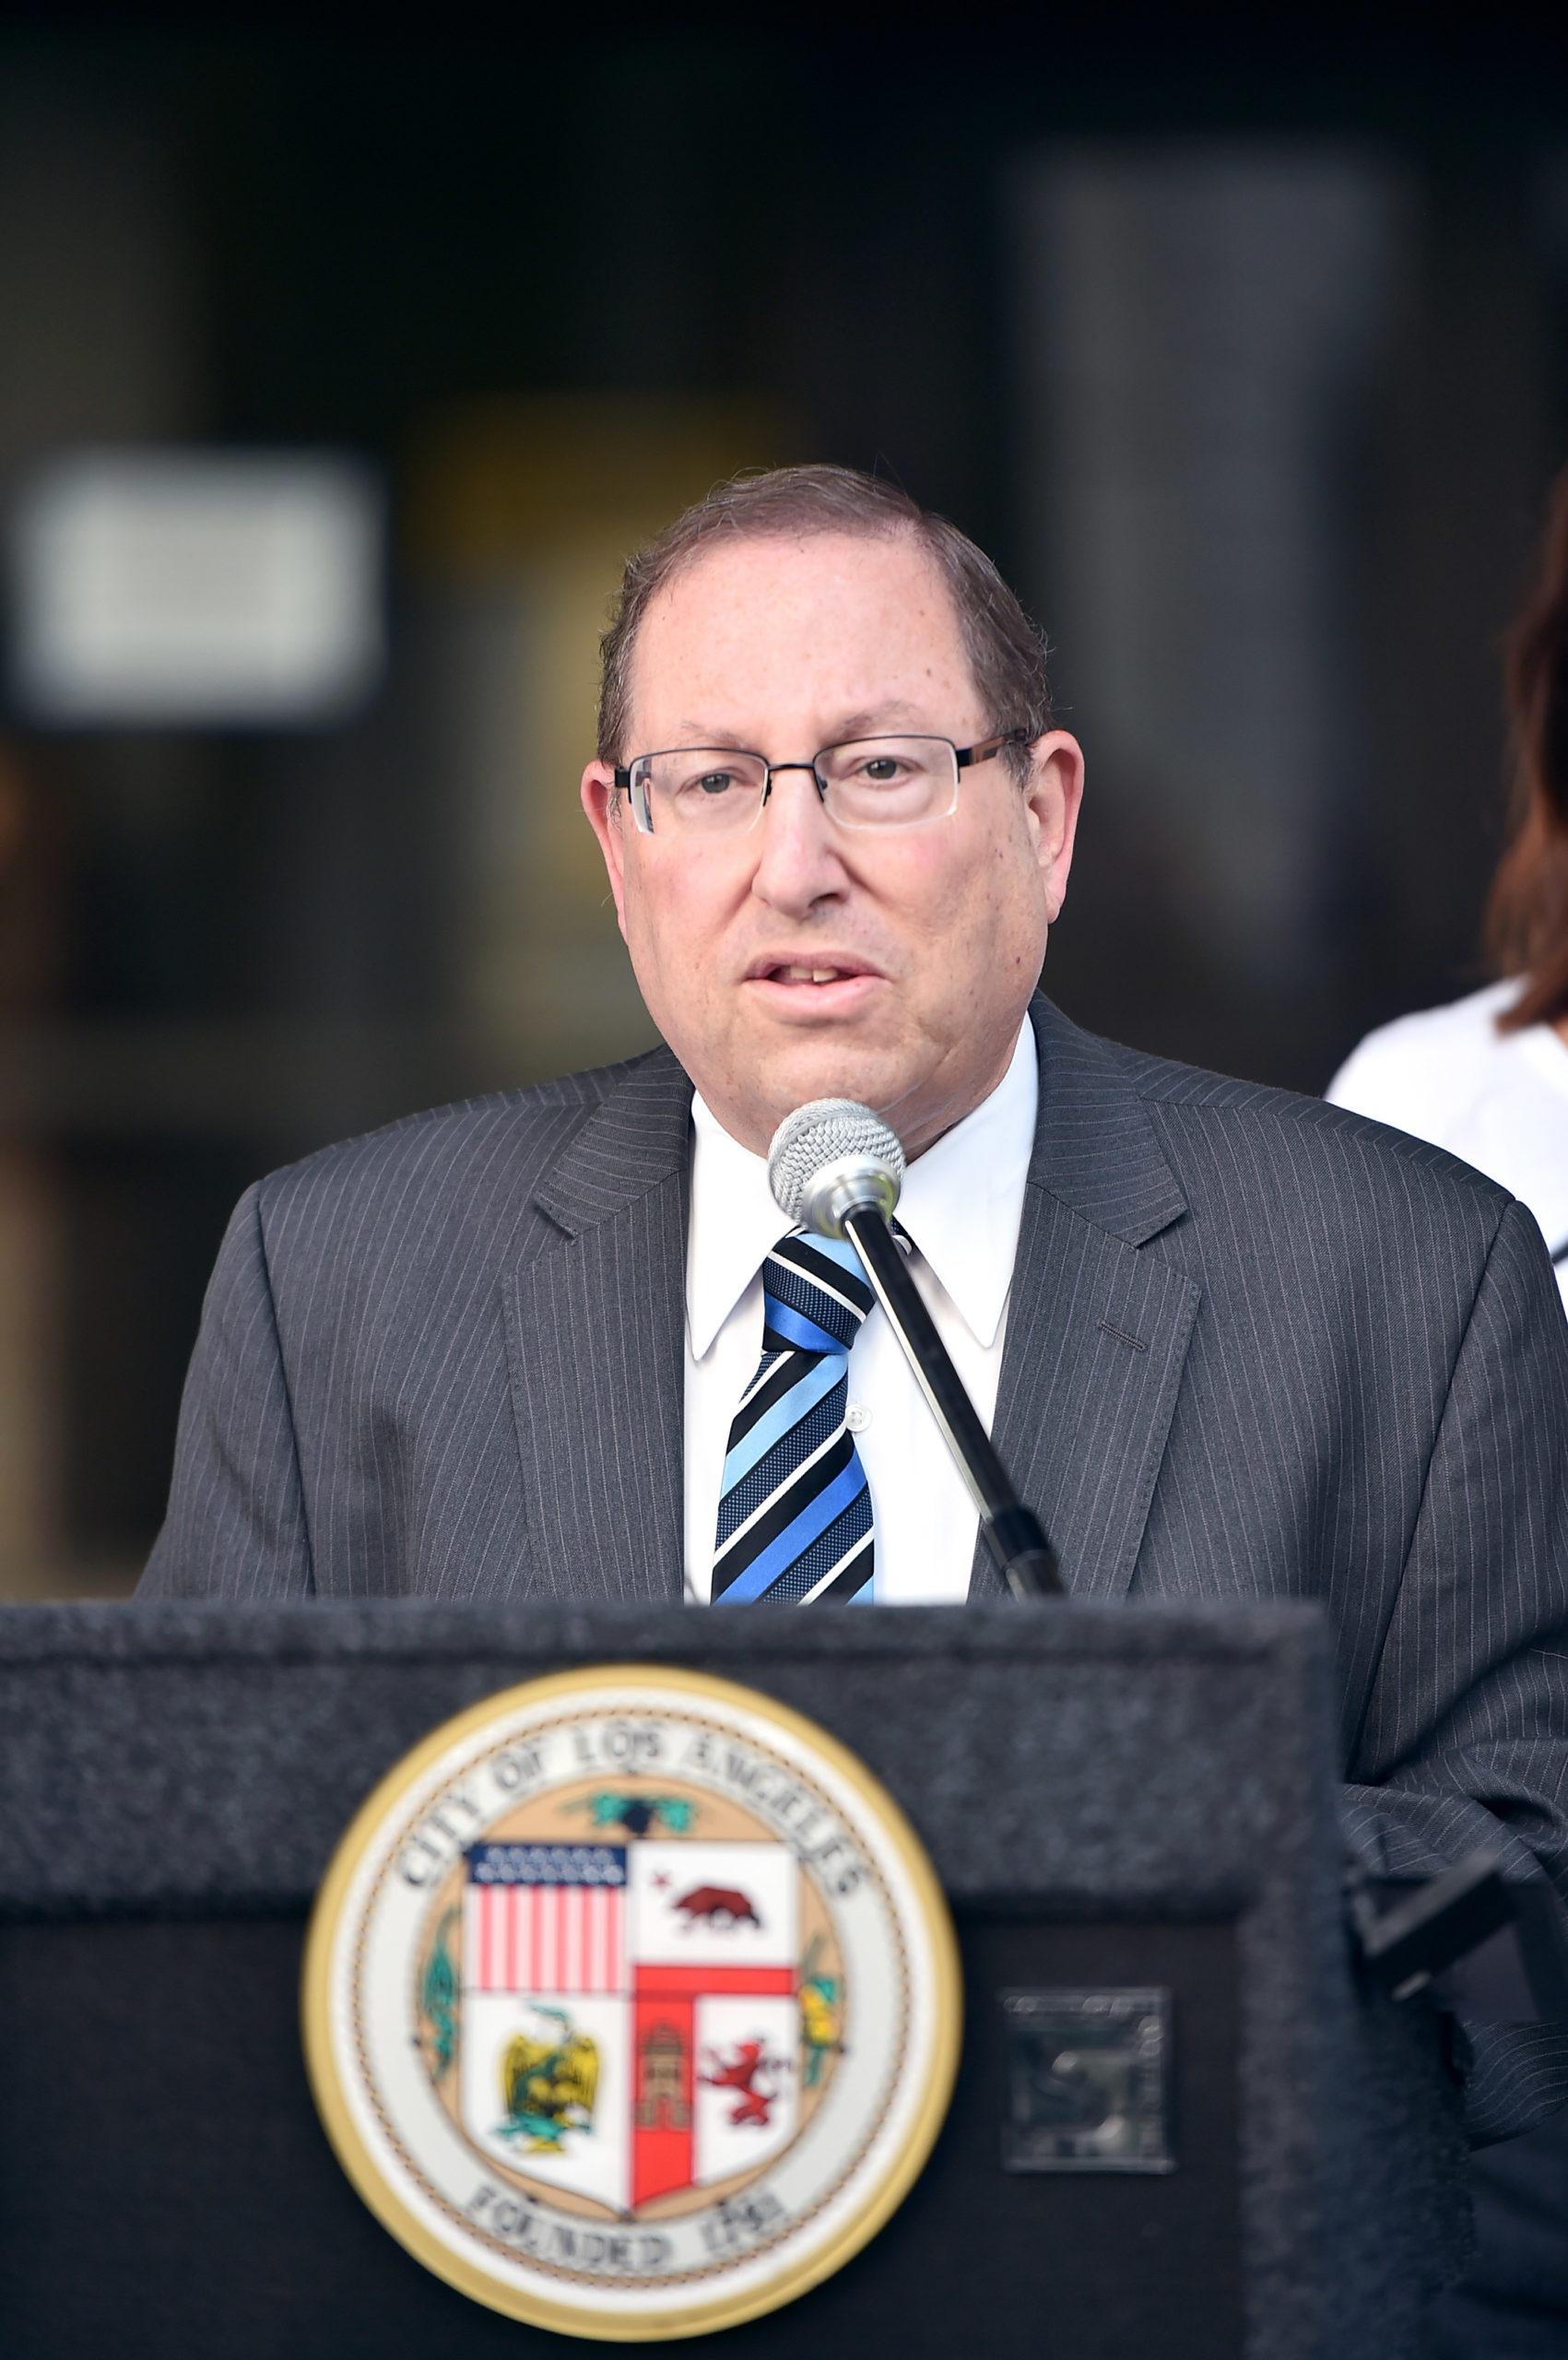 Los Angeles Councilman Paul Koretz Wants A Less Expensive Housing Solution